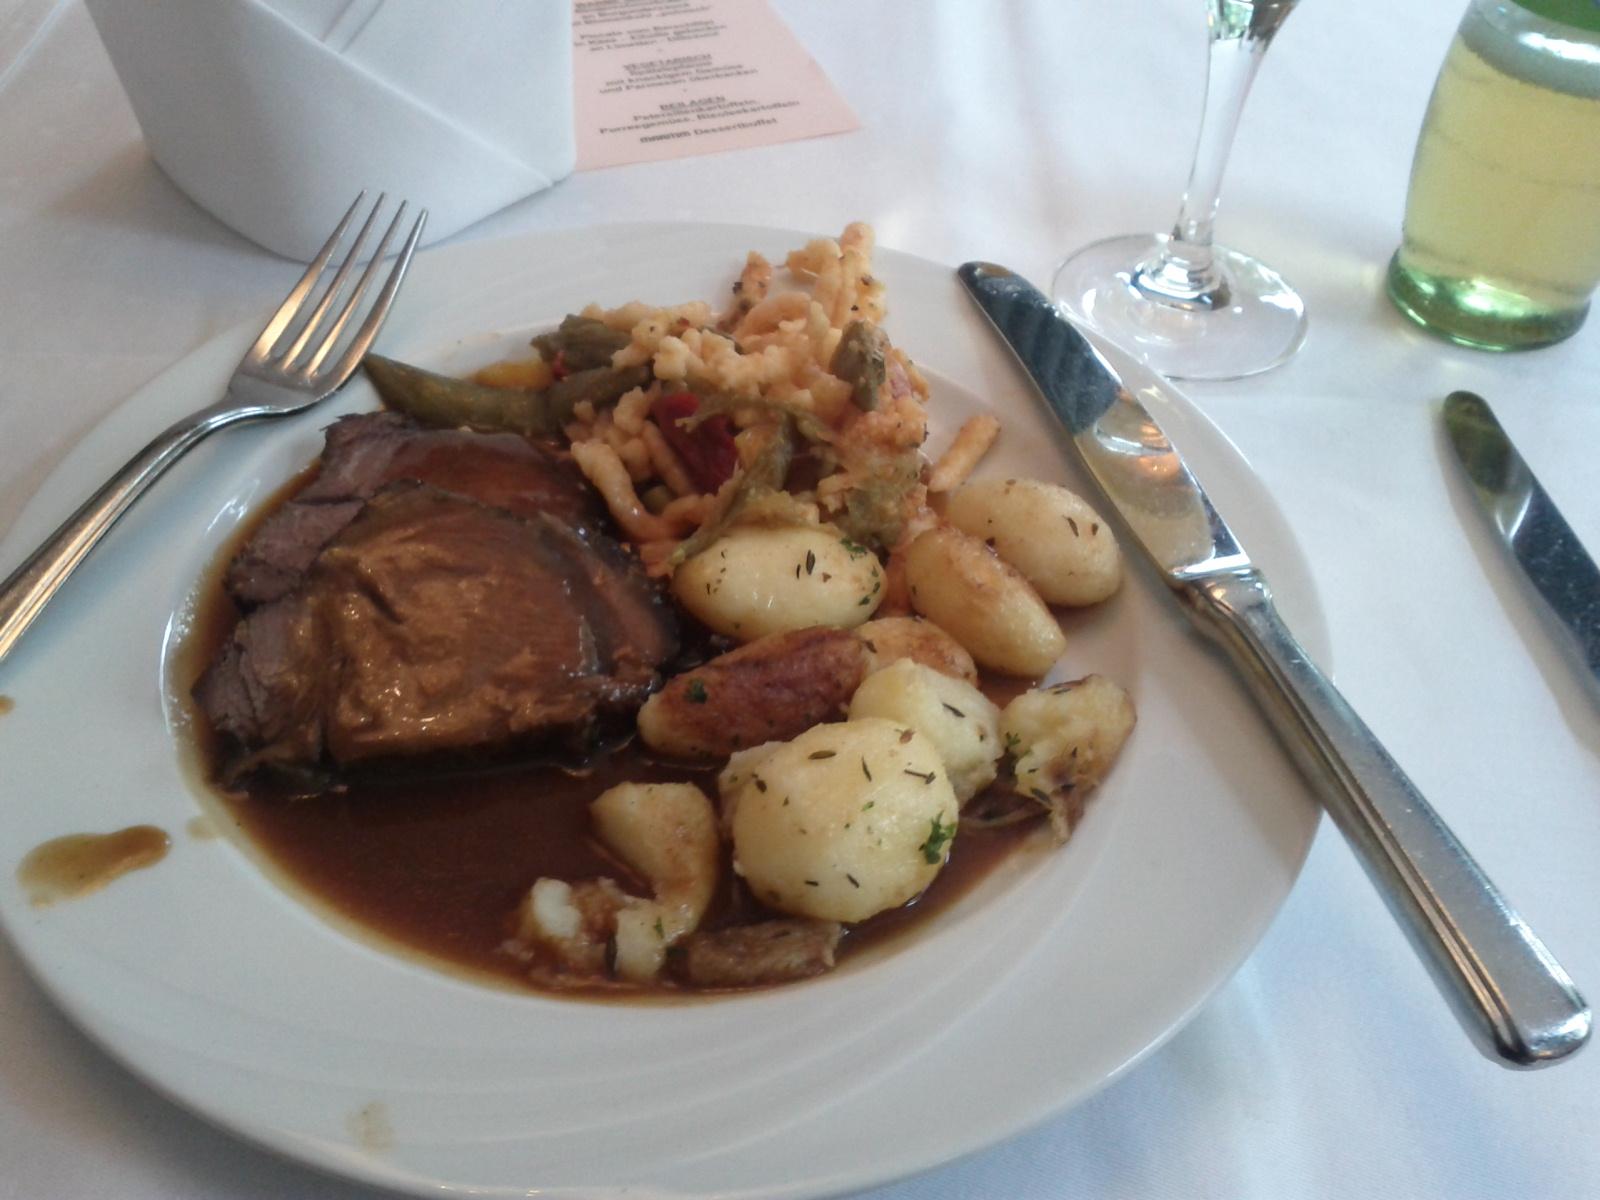 http://foodloader.net/sascha_2012-06-19_Fleisch_Nudeln_Kartoffeln_Schupfnudeln.jpg